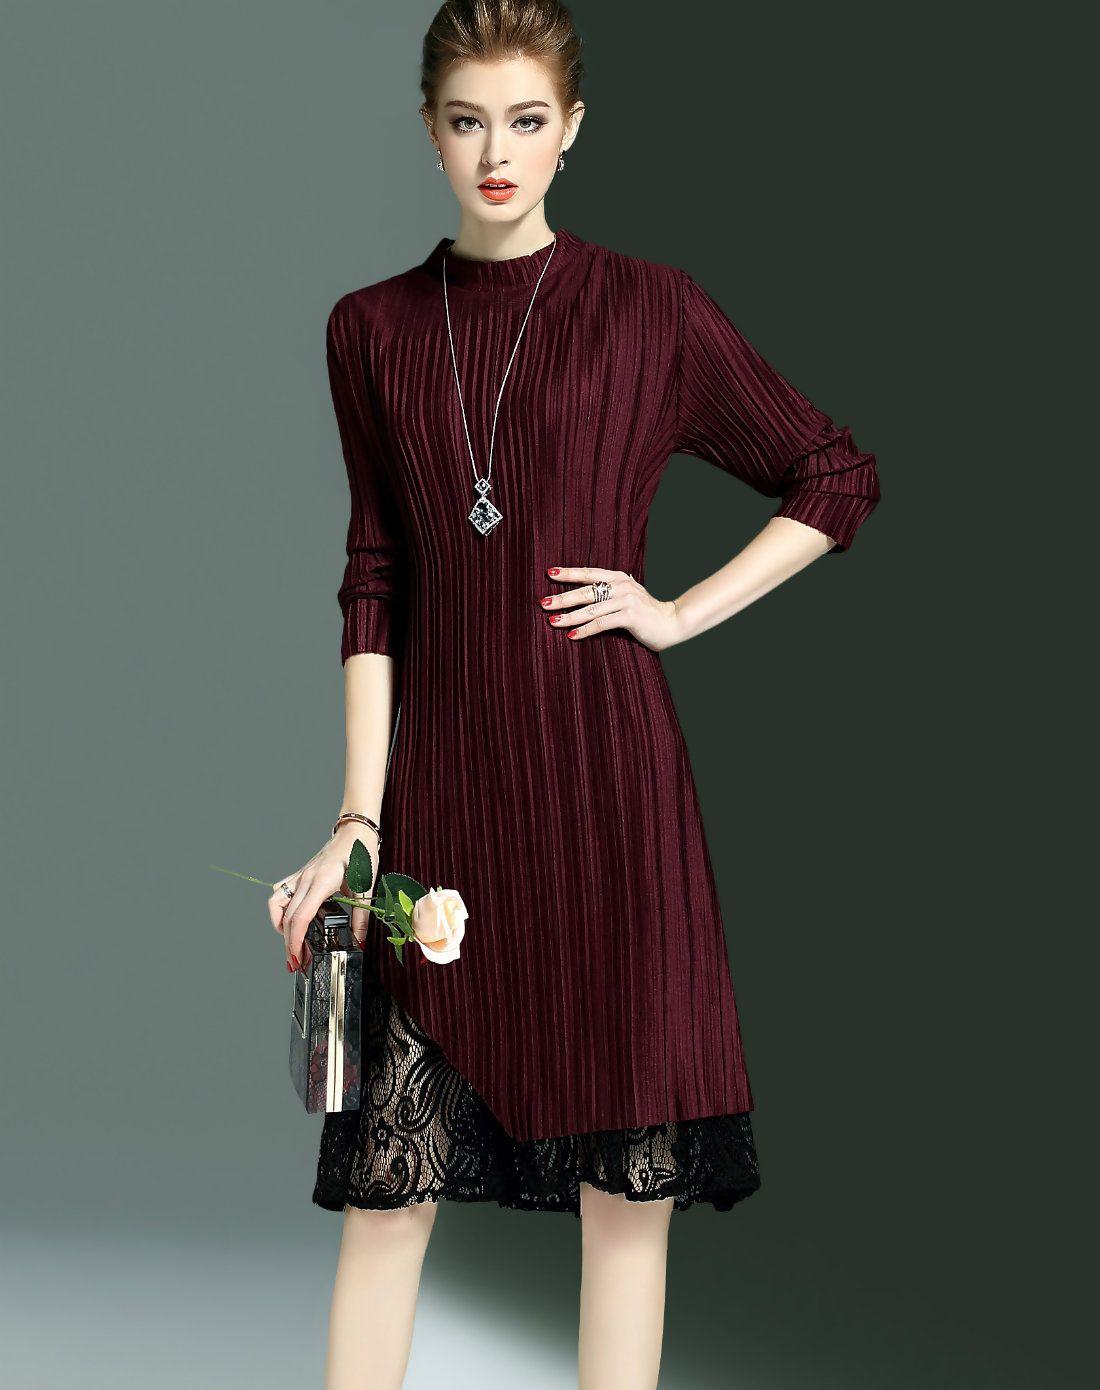 Vipme pleated lace paneled sleeve wine midi dress get more